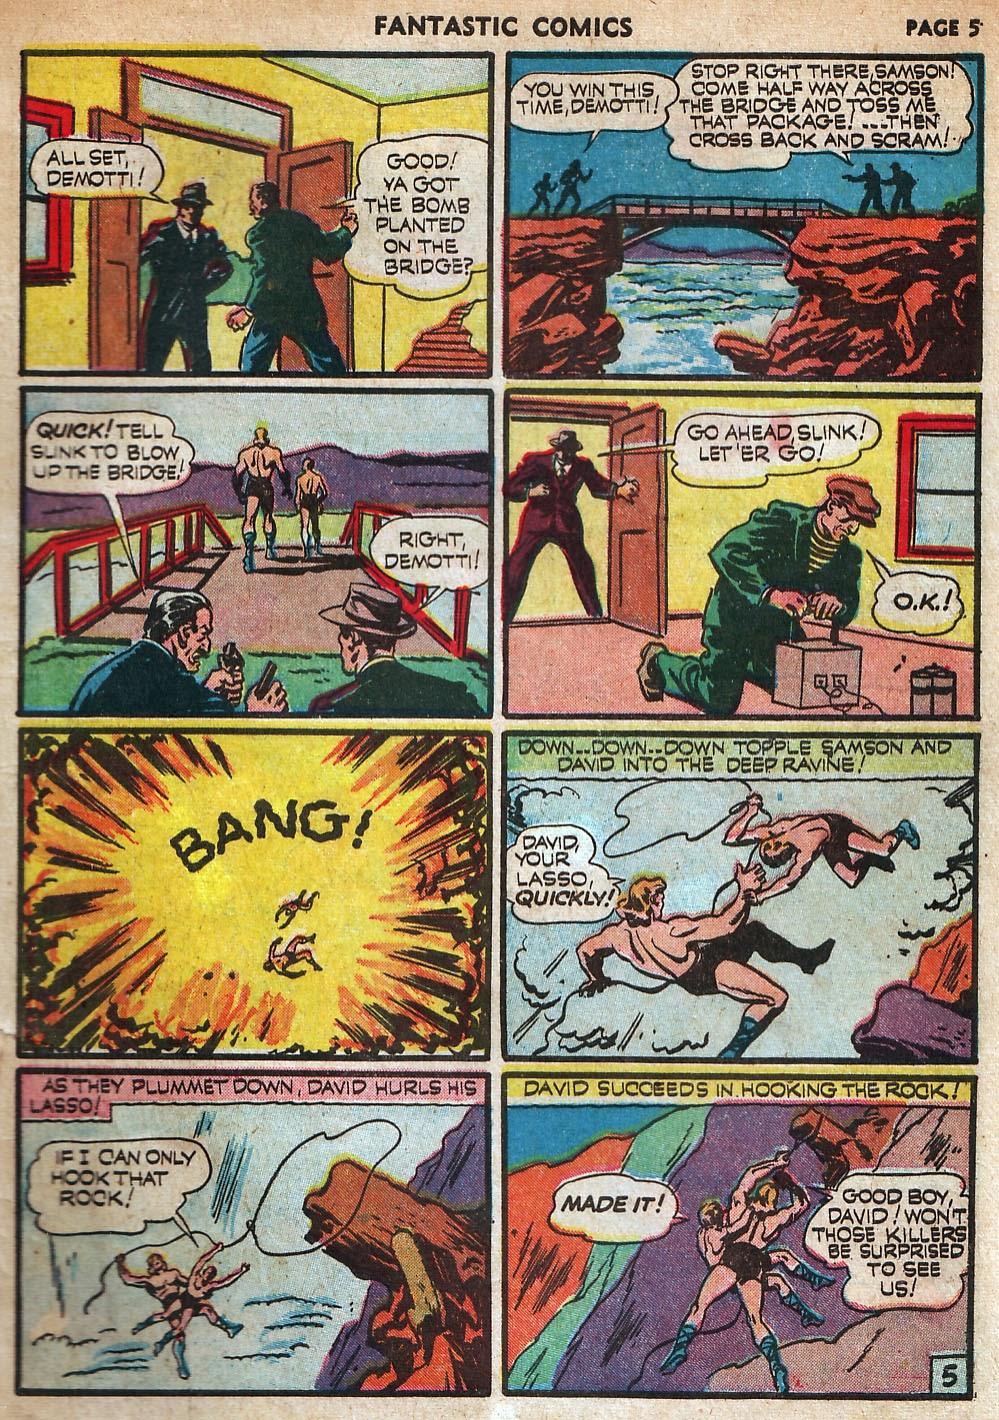 Read online Fantastic Comics comic -  Issue #18 - 7